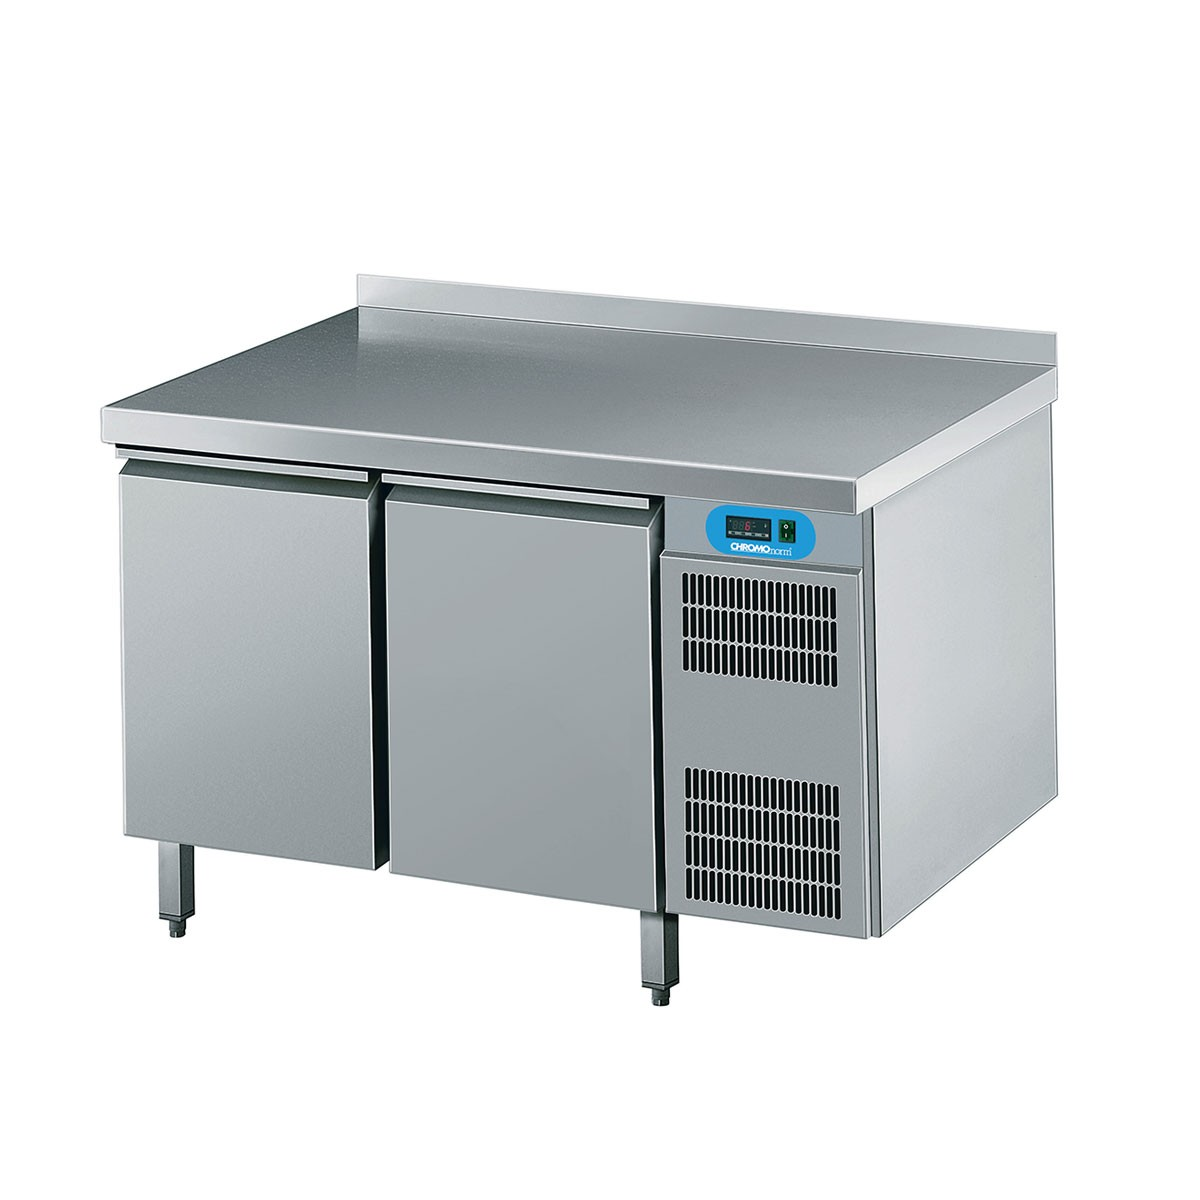 Kühltisch mit 2 Flügeltüren 1250 x 700mm CKTEK7211601-1/1 Chromonorm